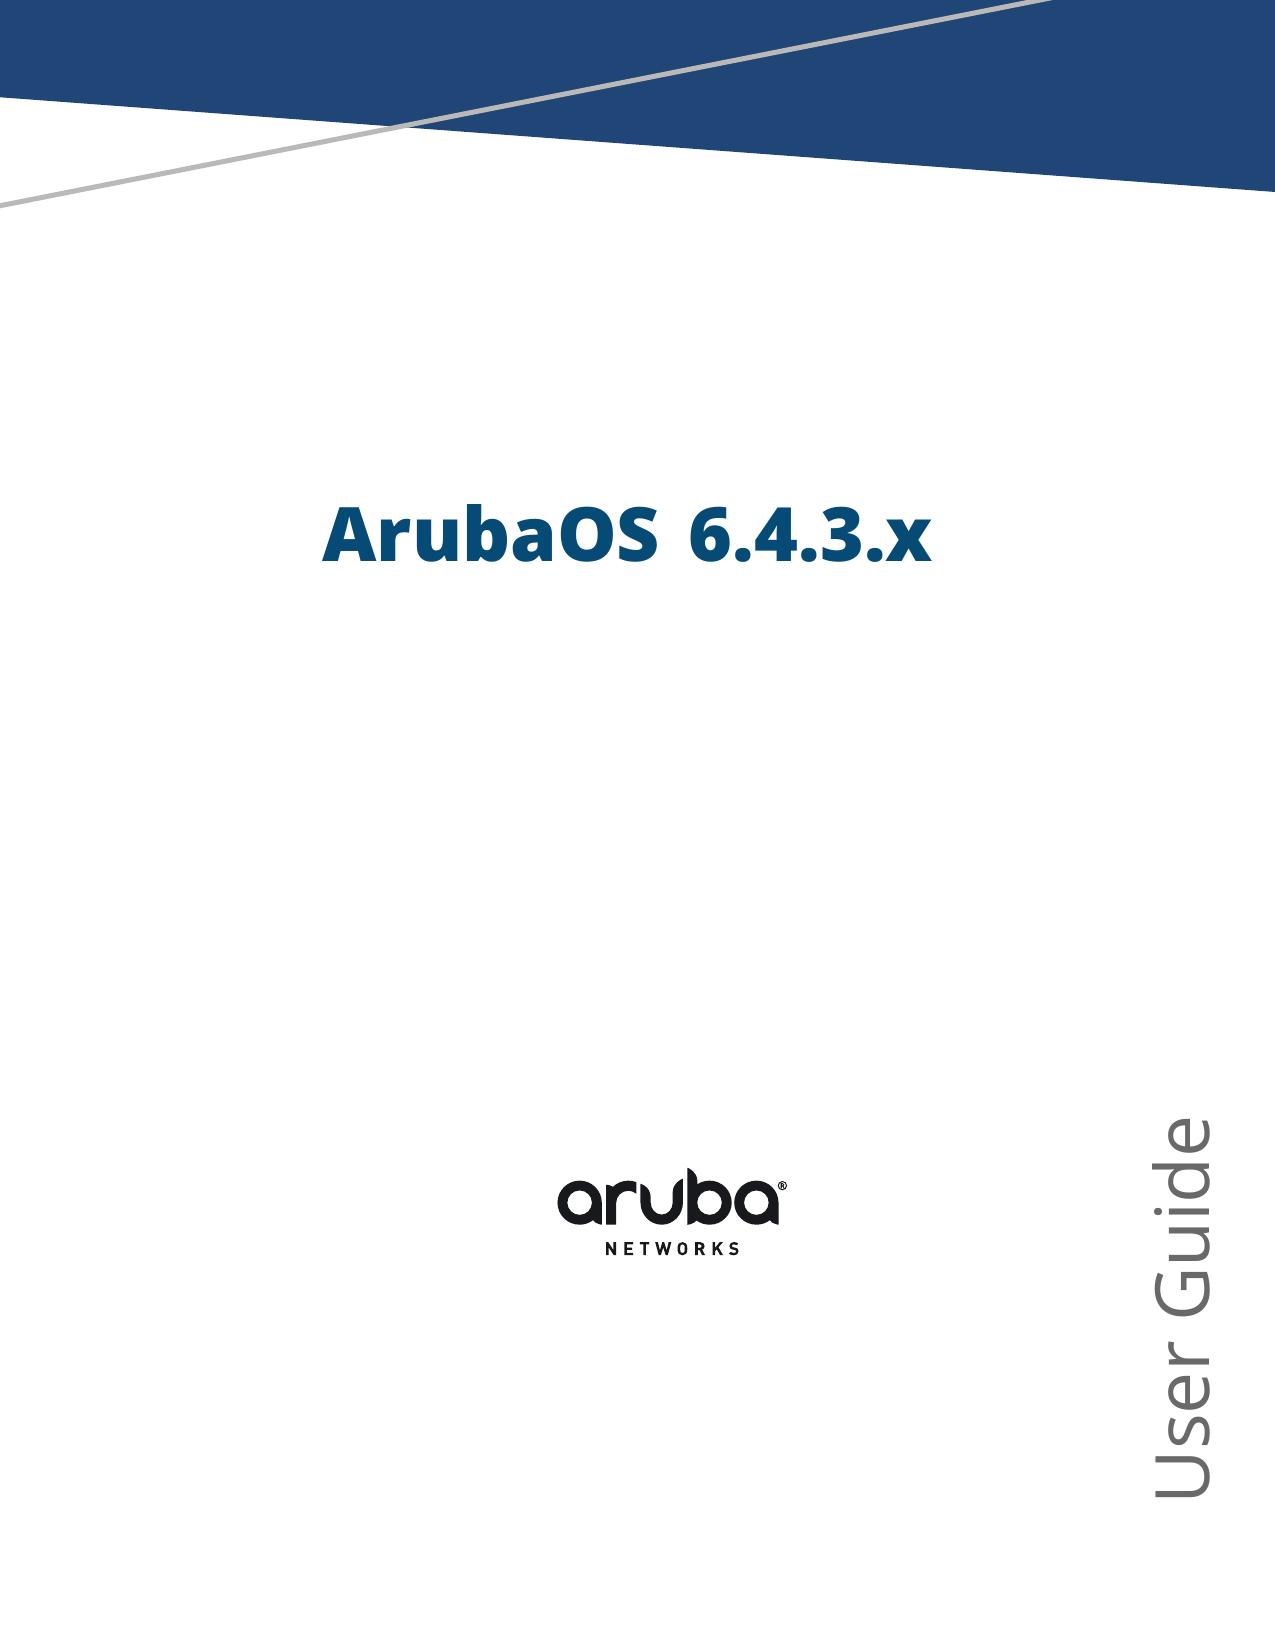 ArubaOS 6 4 3 x User Guide - Aruba Support | manualzz com